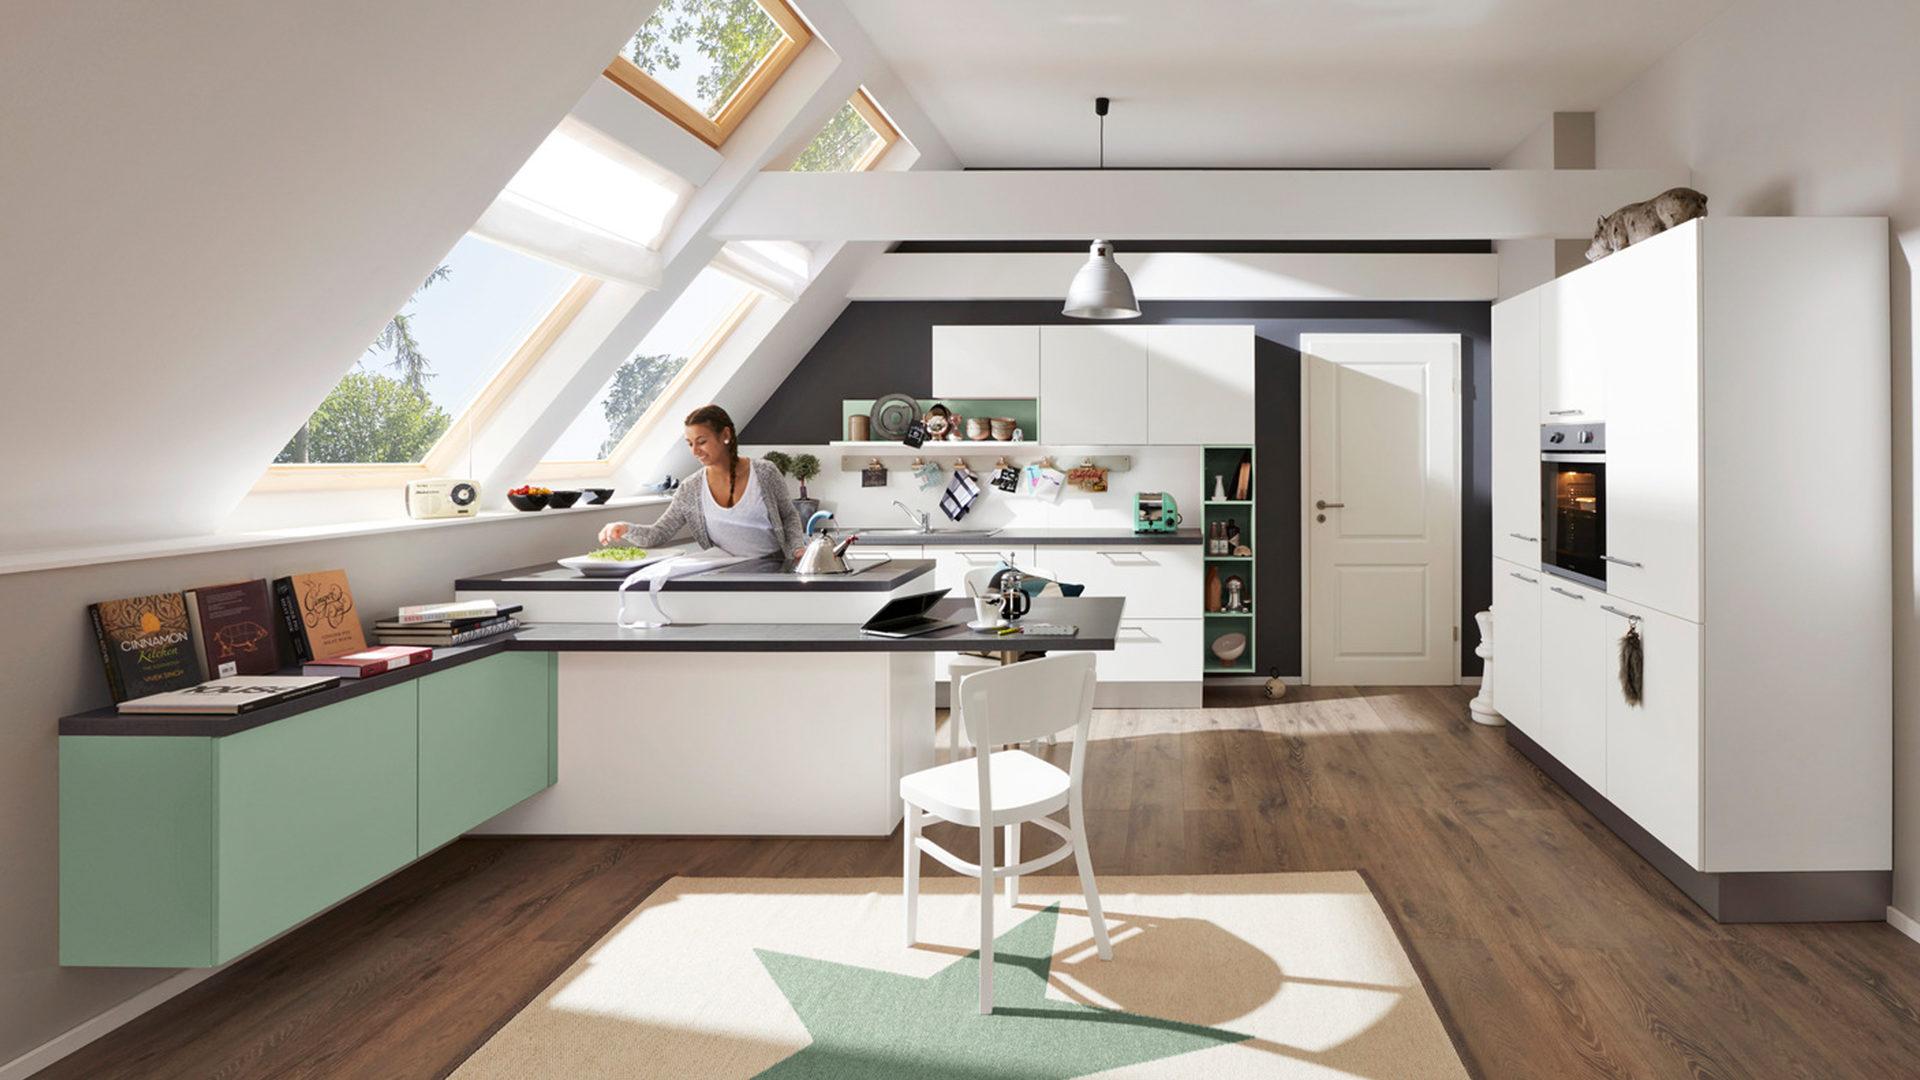 Möbel Herzer St. Ingbert | Möbel A-Z | Küchen | Einbauküchen ...